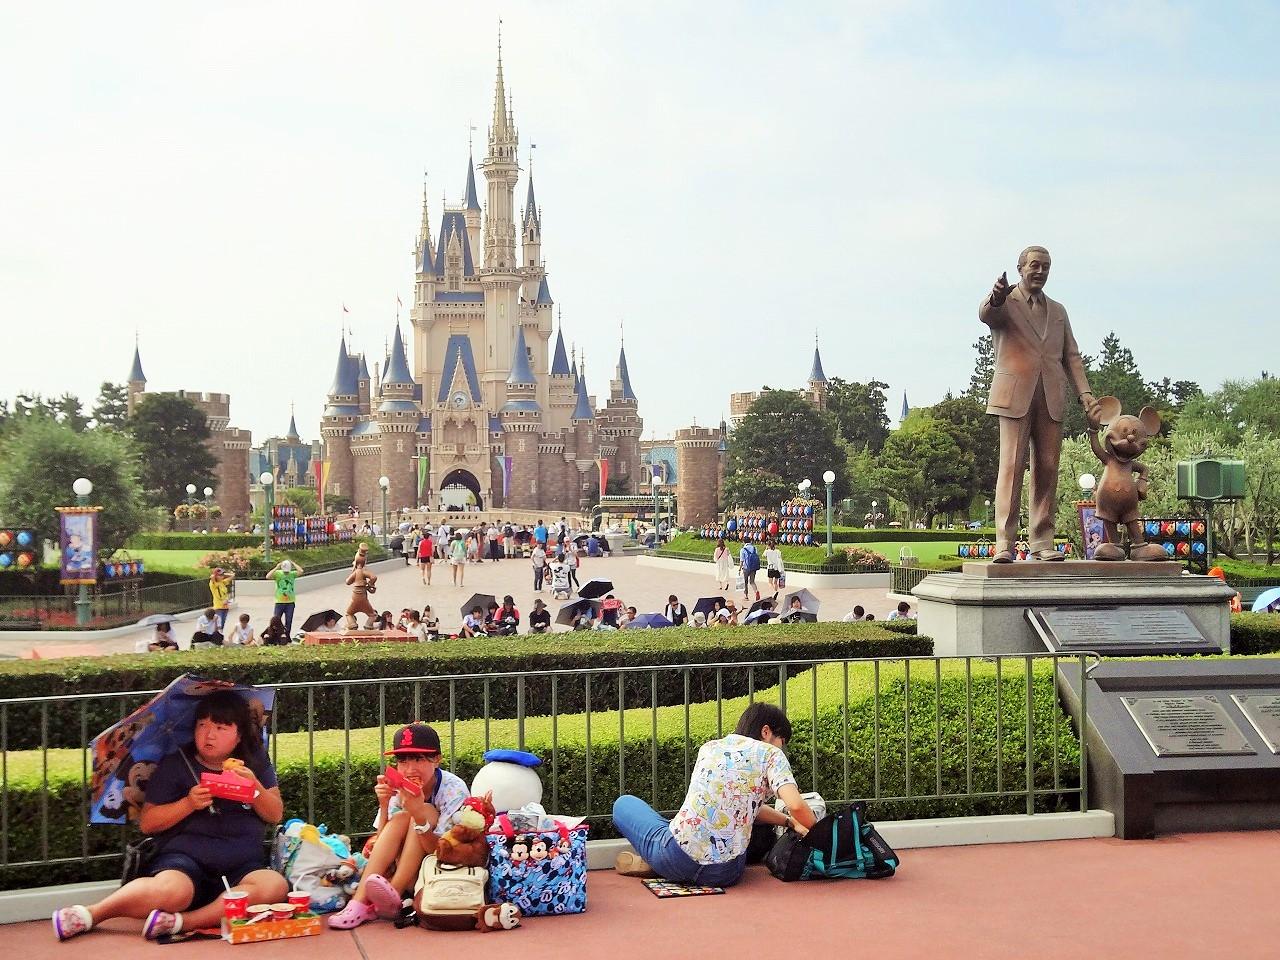 ディズニー☆夏祭り』東京ディズニーリゾート(千葉県)の旅行記・ブログ